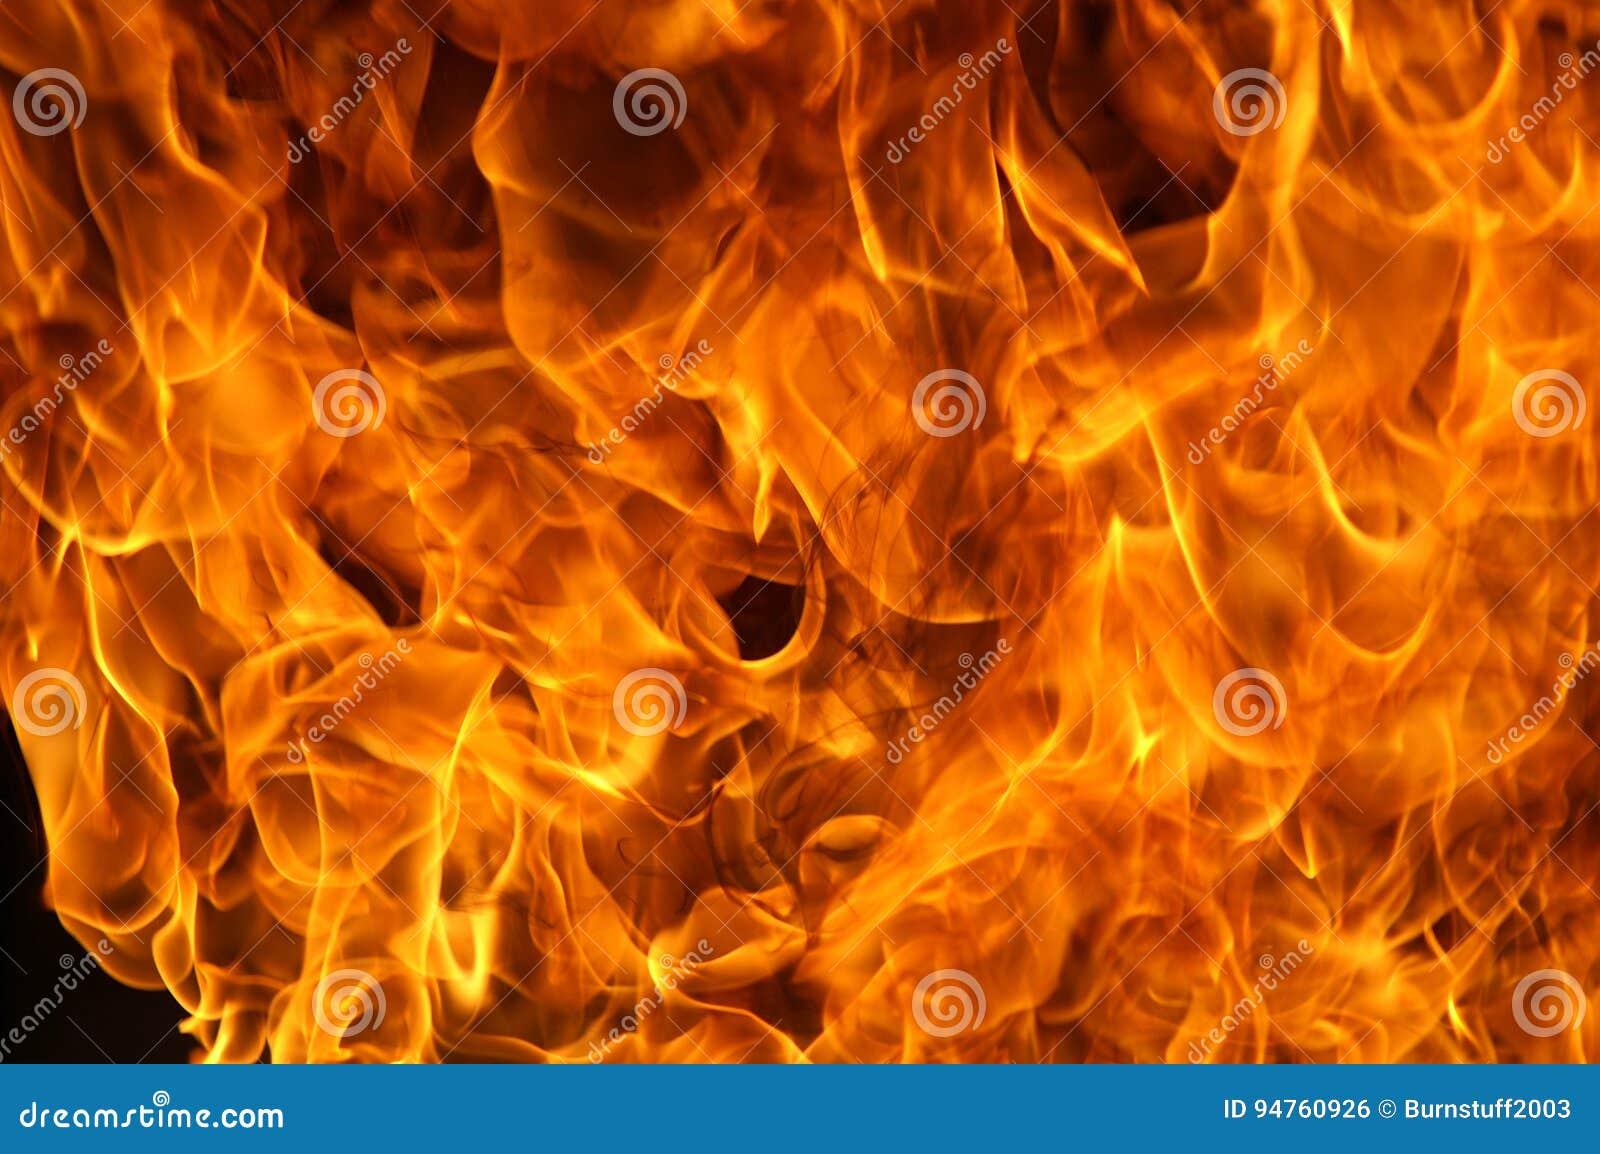 Fuego plano